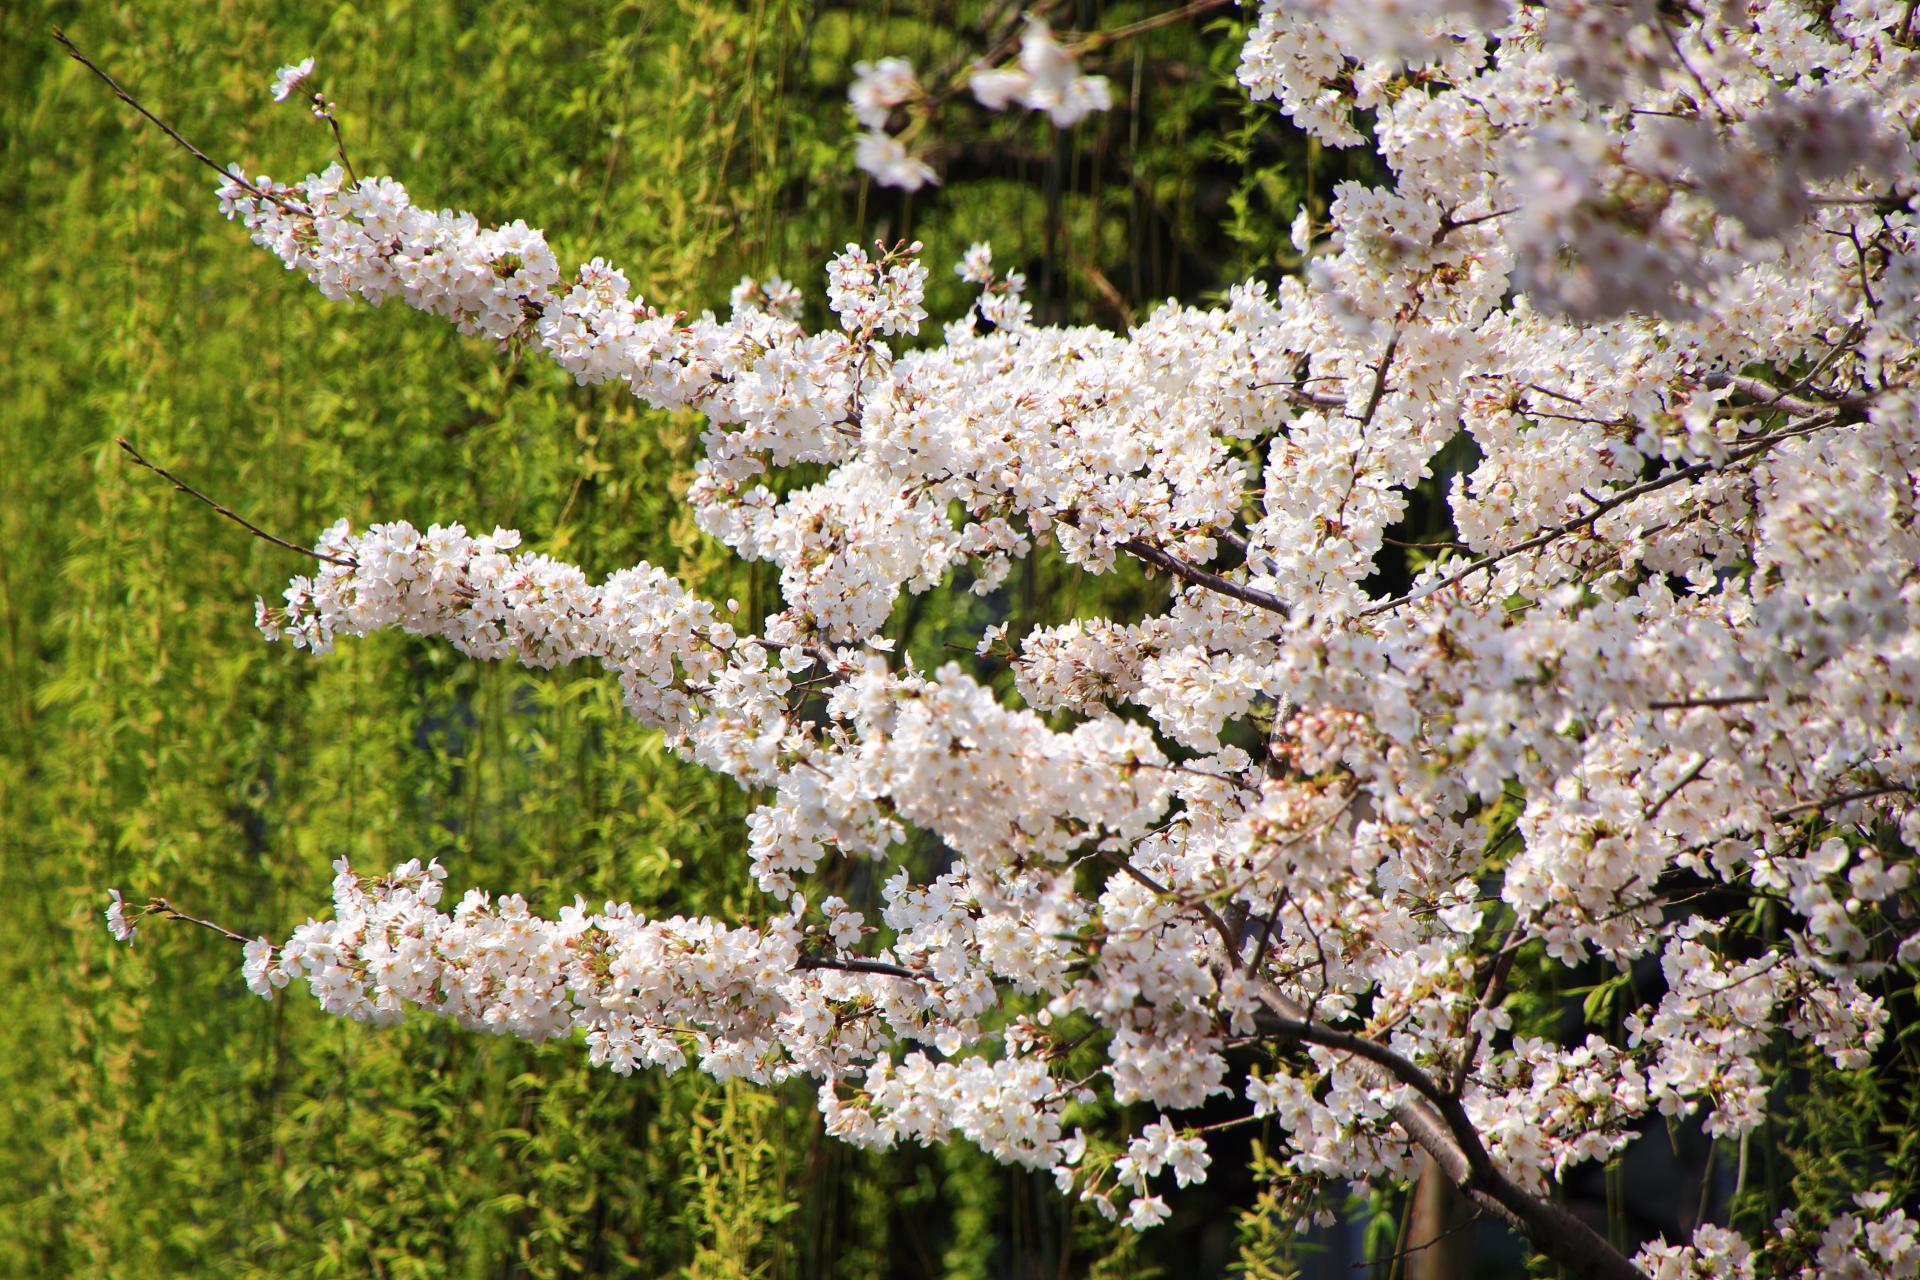 六角堂の緑の柳に映える華やかな桜